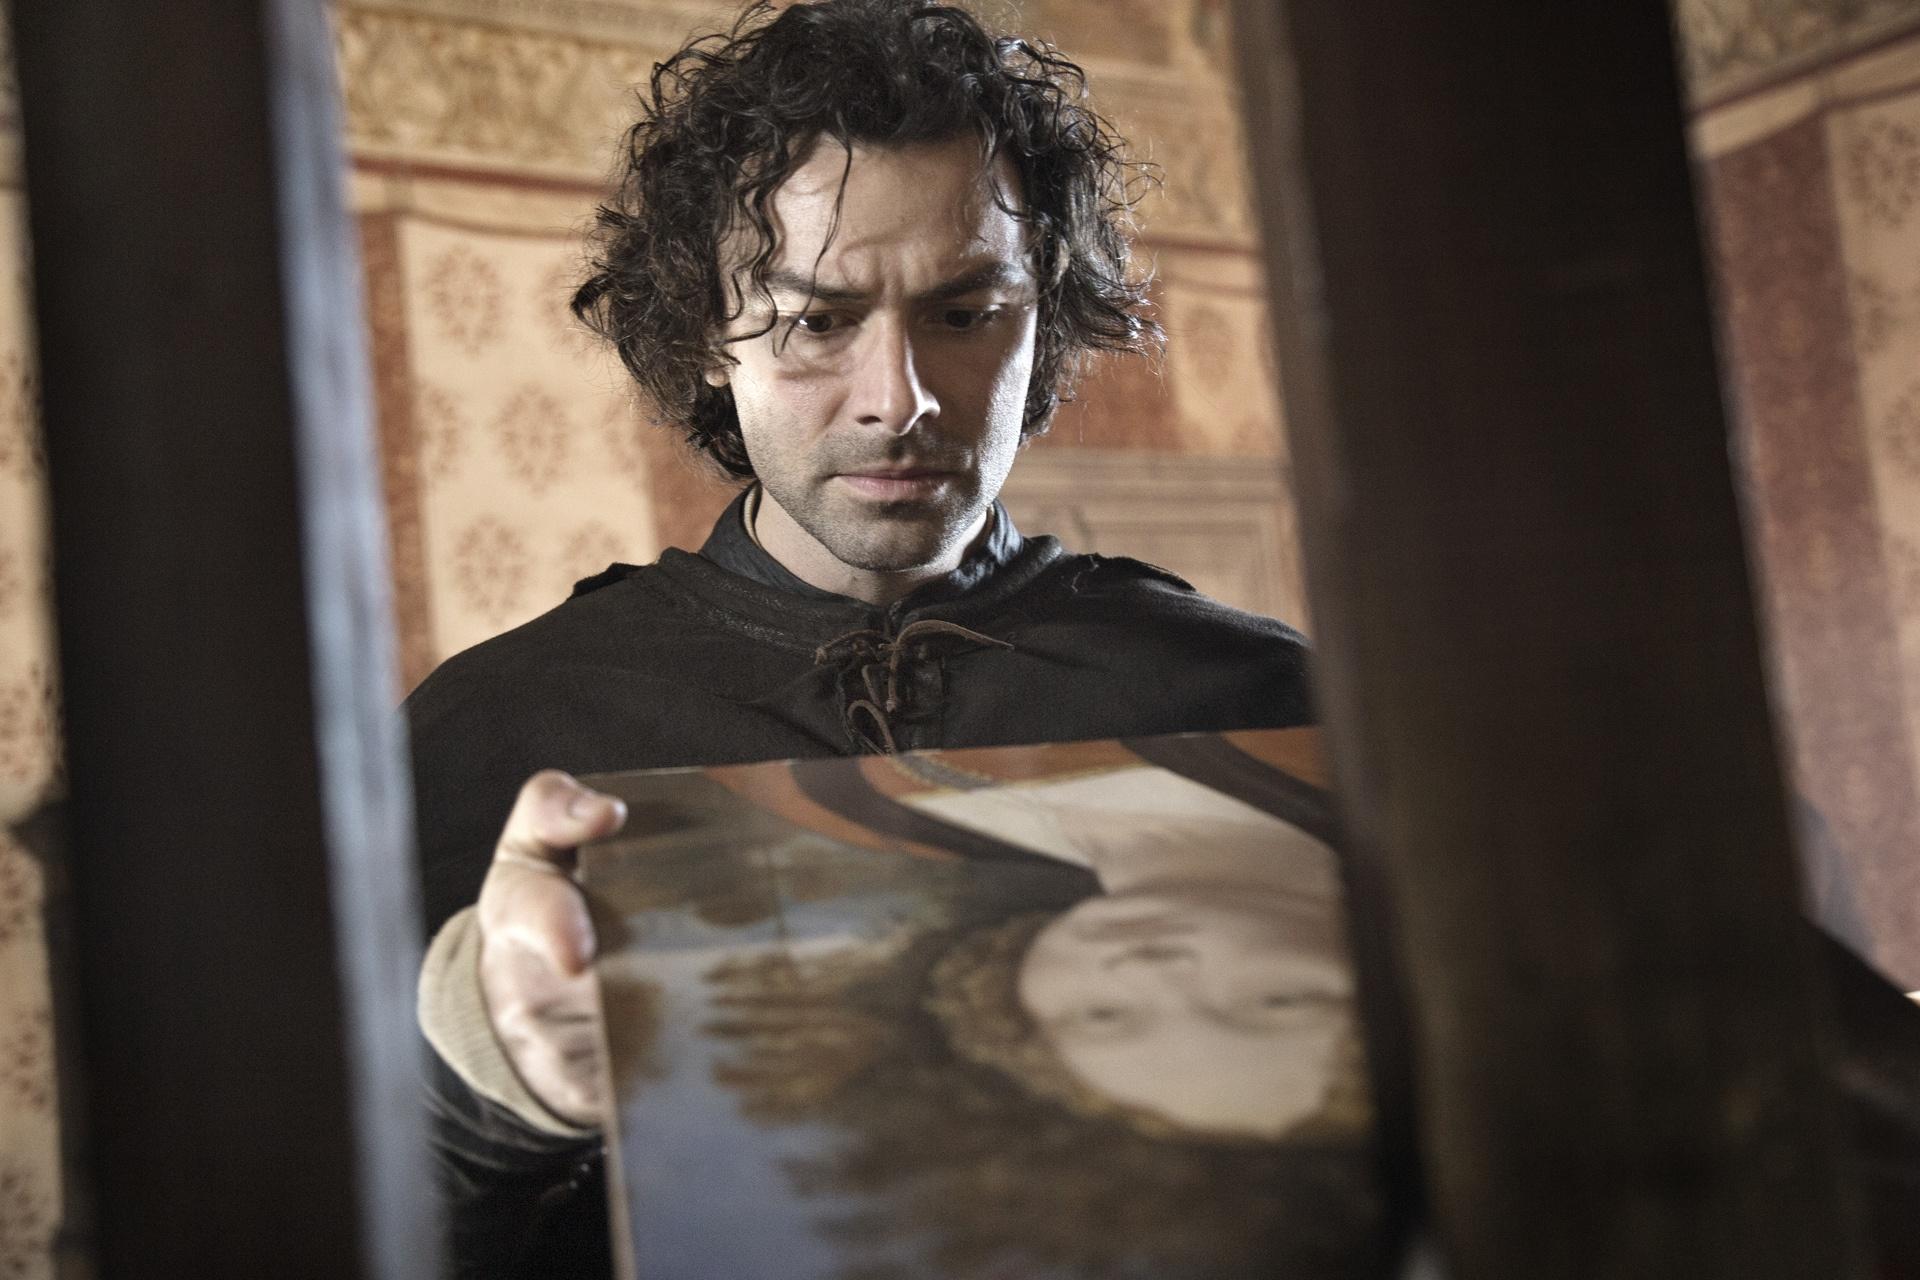 Série sobre Leonardo Da Vinci ganha primeiro teaser com astro de Poldark | Pipoca Moderna